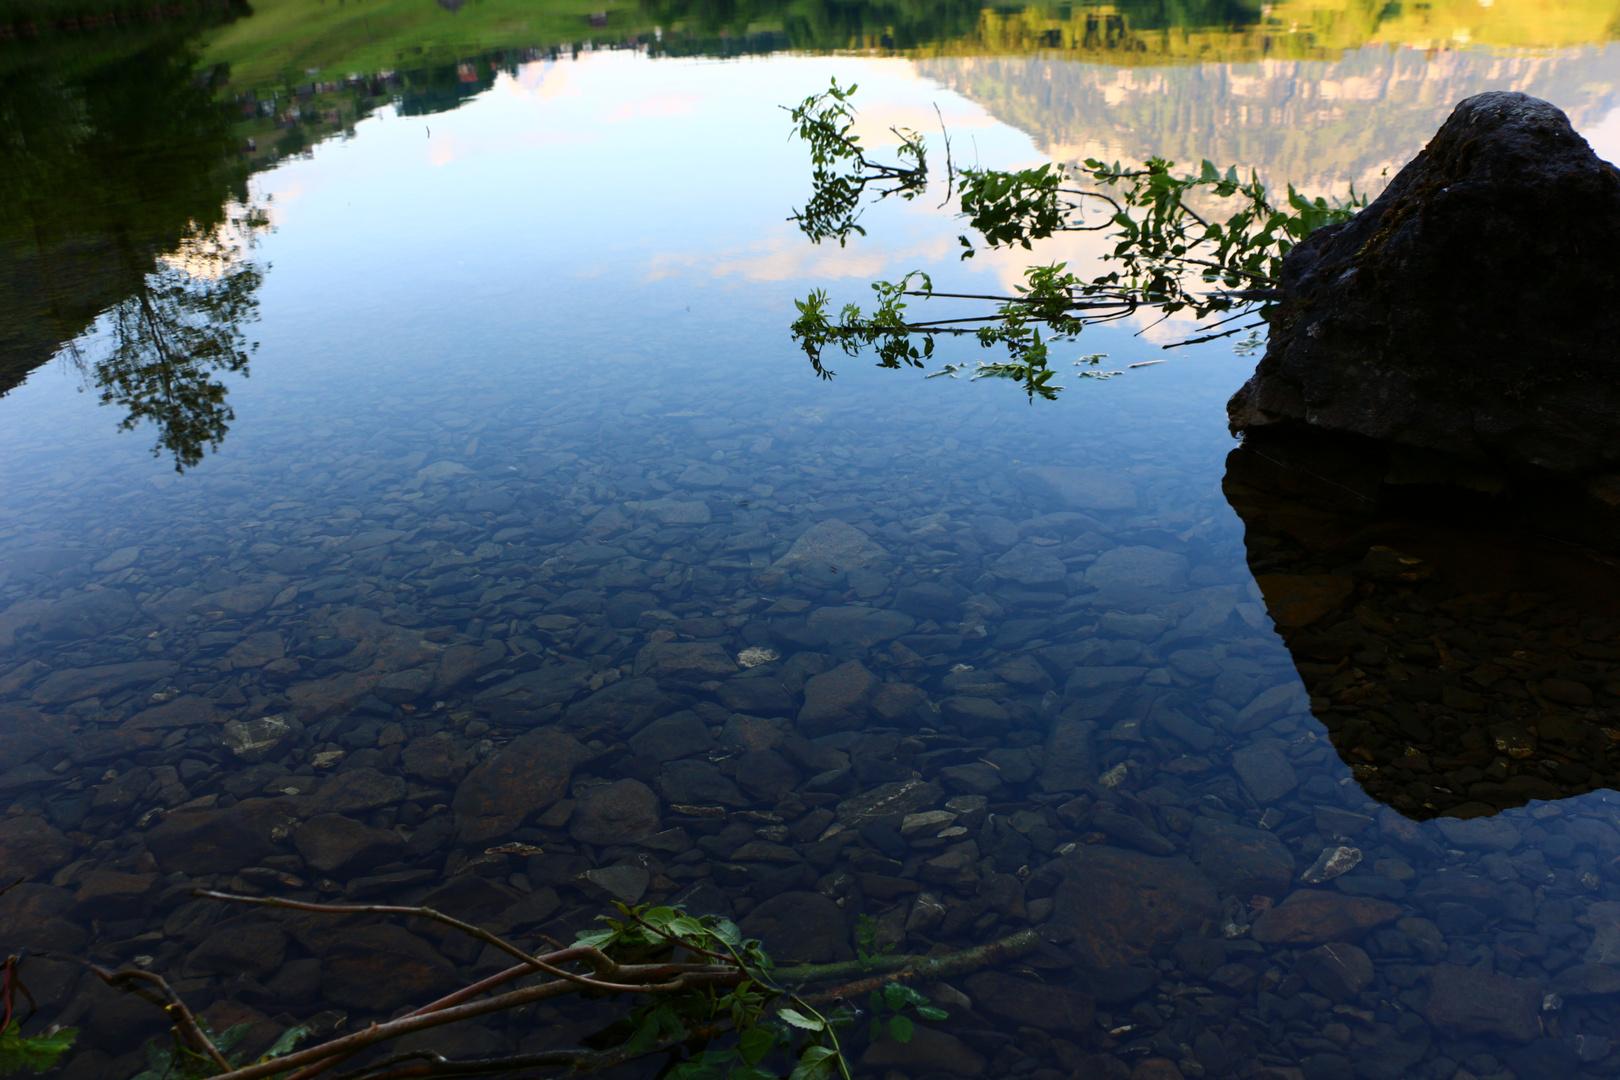 Mystisch am See 3